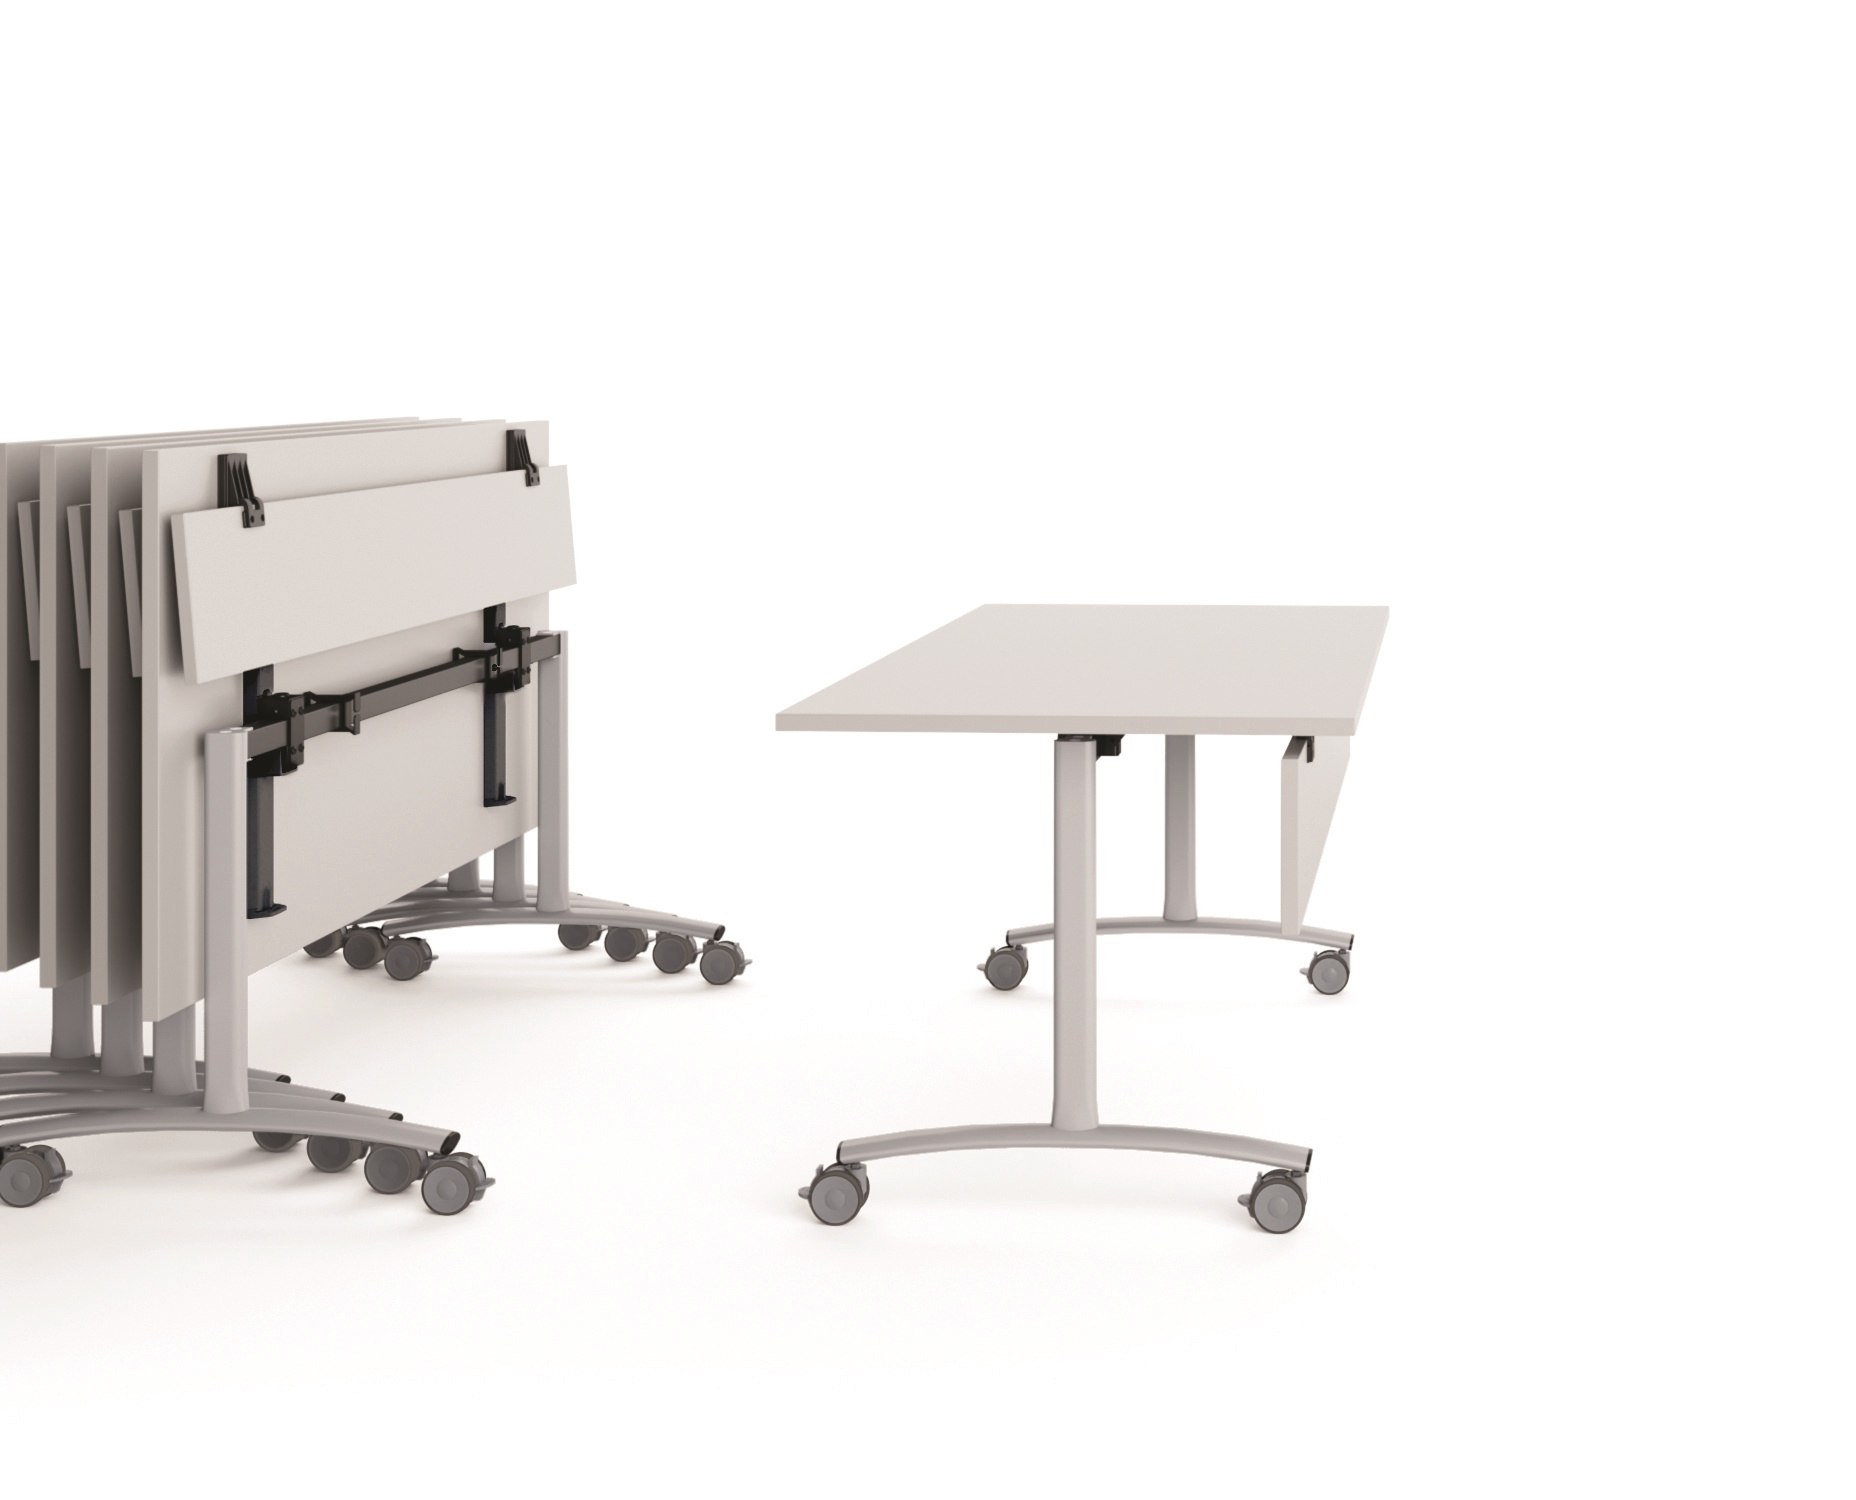 Tavolo ribaltabile per spazi operativi eleganti e funzionali